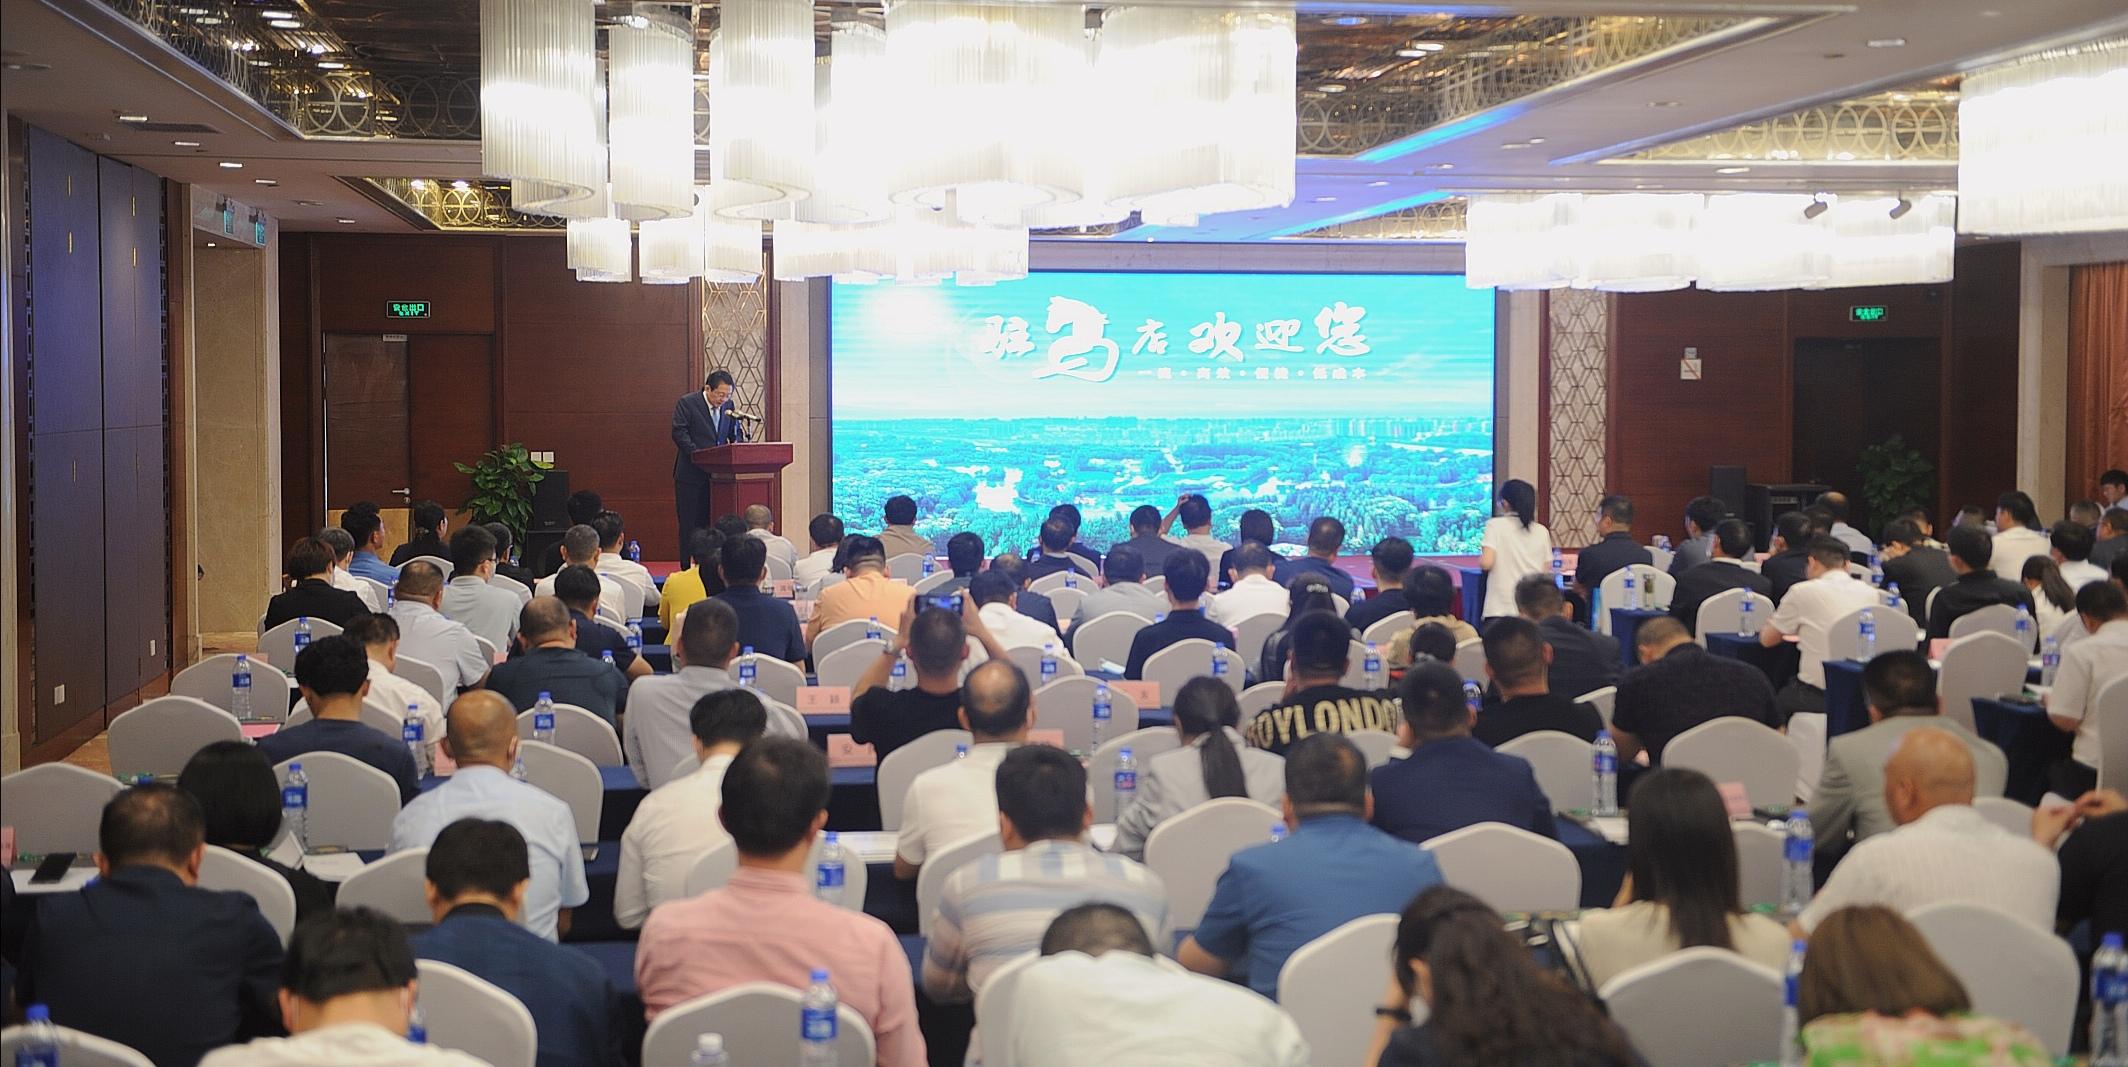 豫沪合作·河南驻马店优势产业推介暨项目签约仪式在沪举行